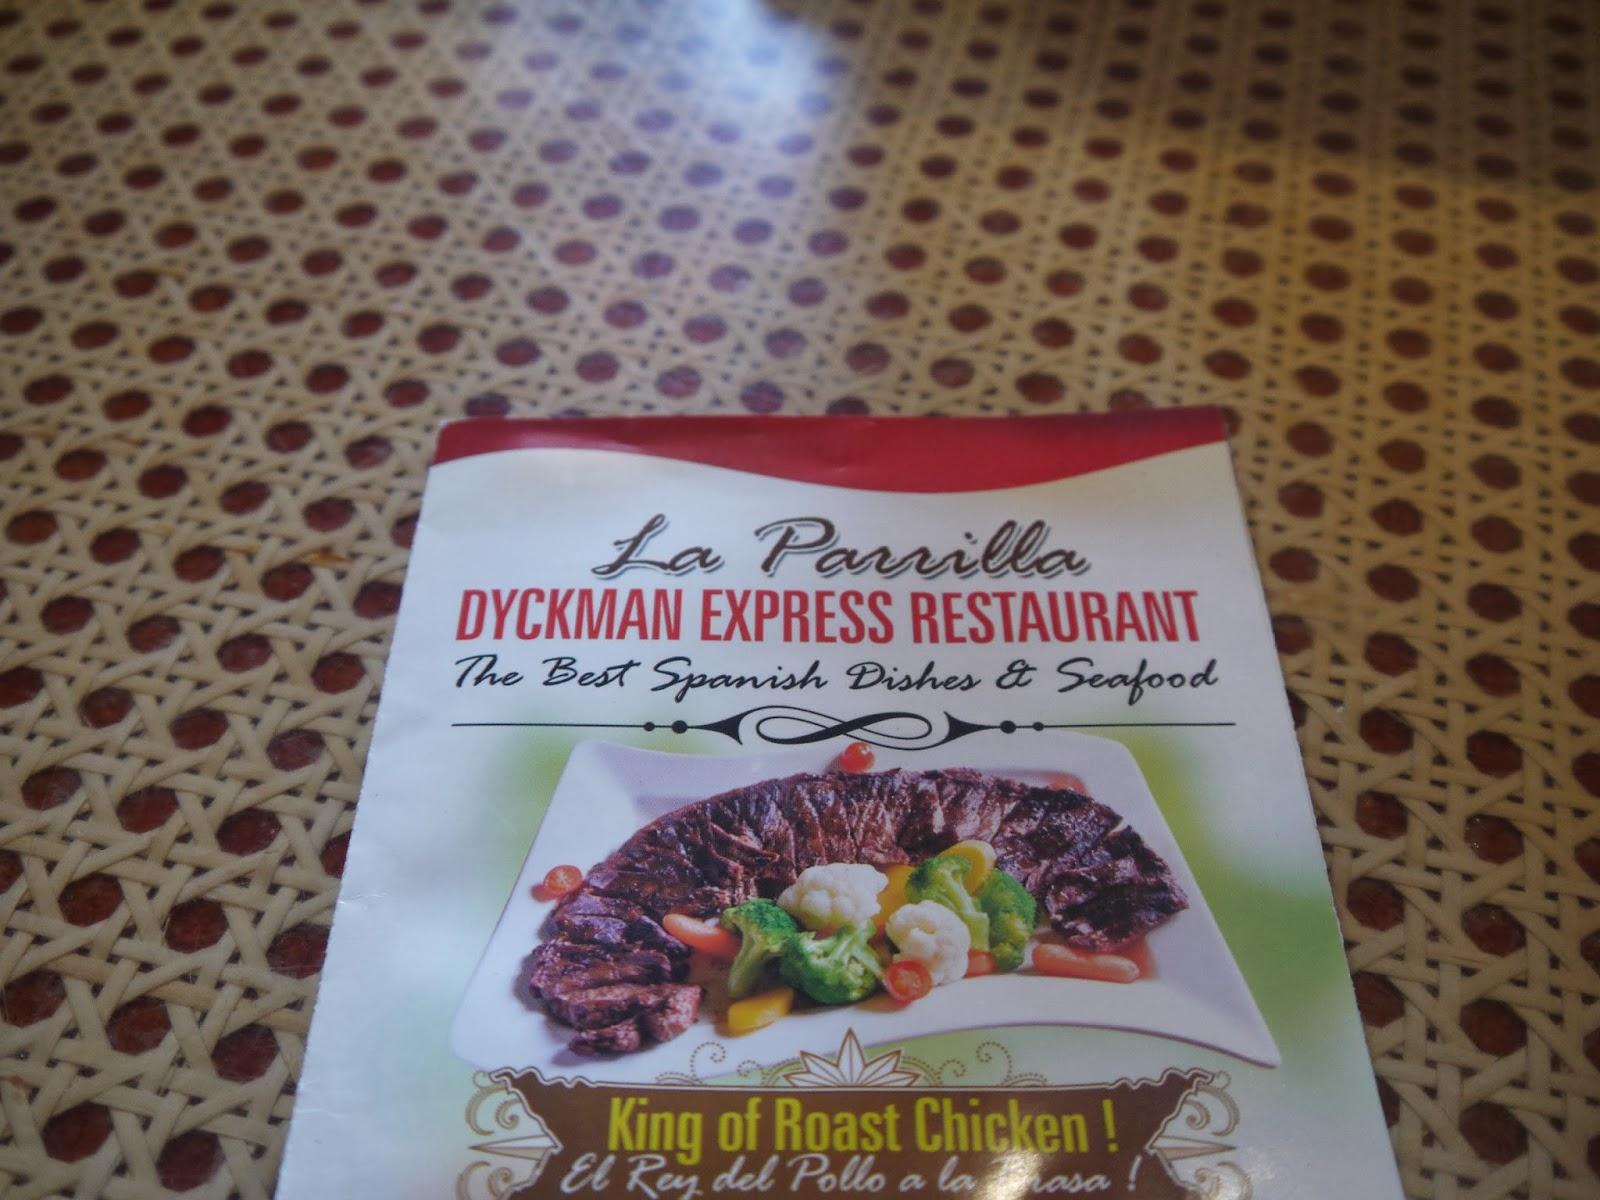 La Parrilla Dyckman Express Restaurant